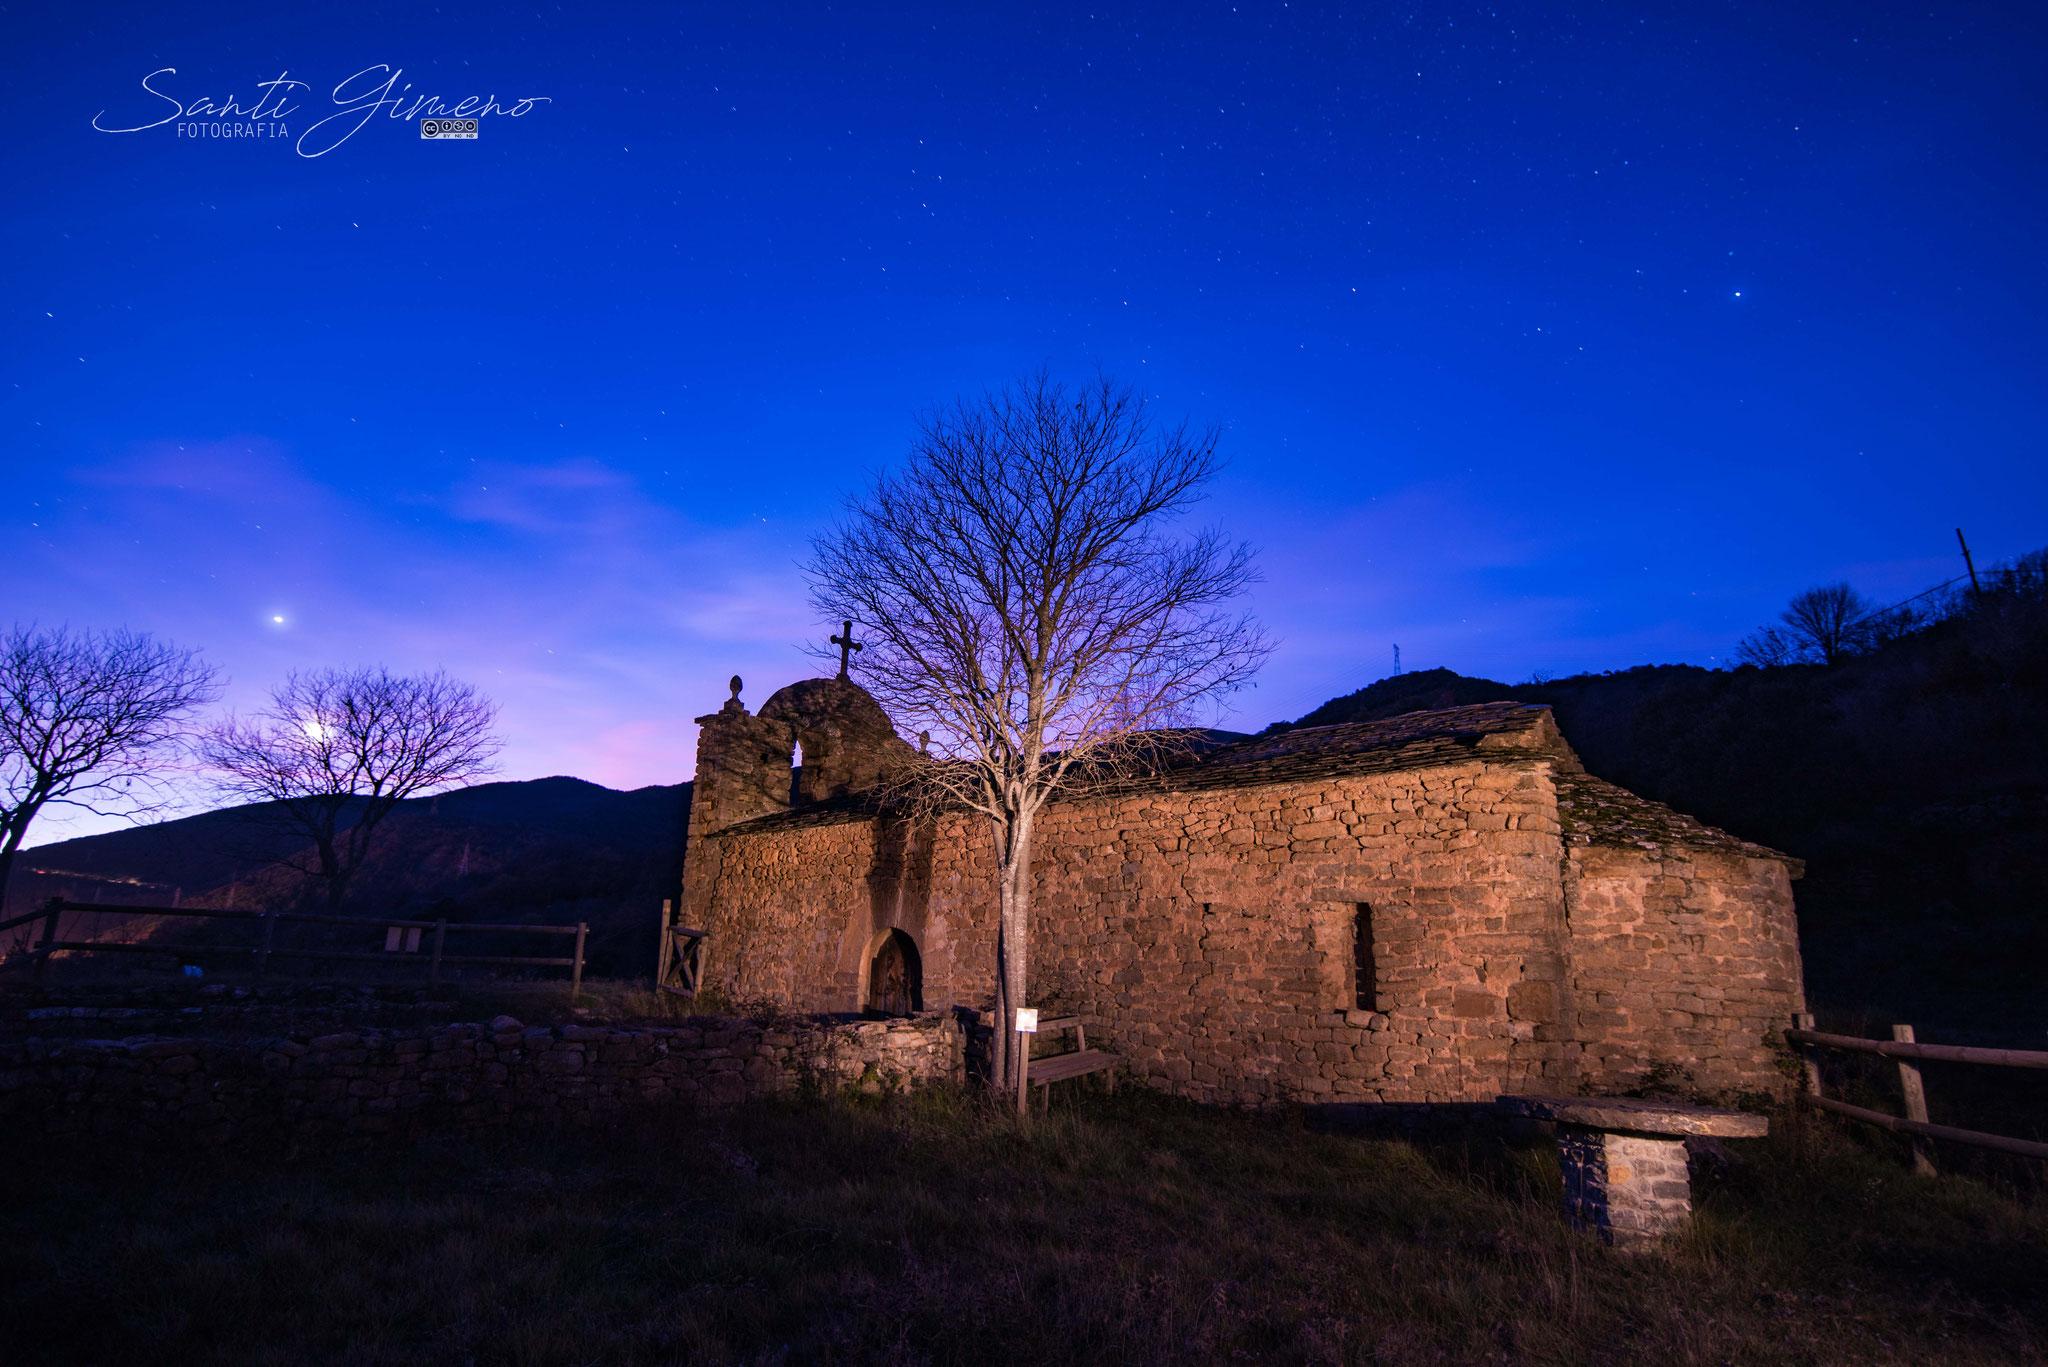 Posta de lluna, ermita de la mare de Deudel Soler (gener 2020)